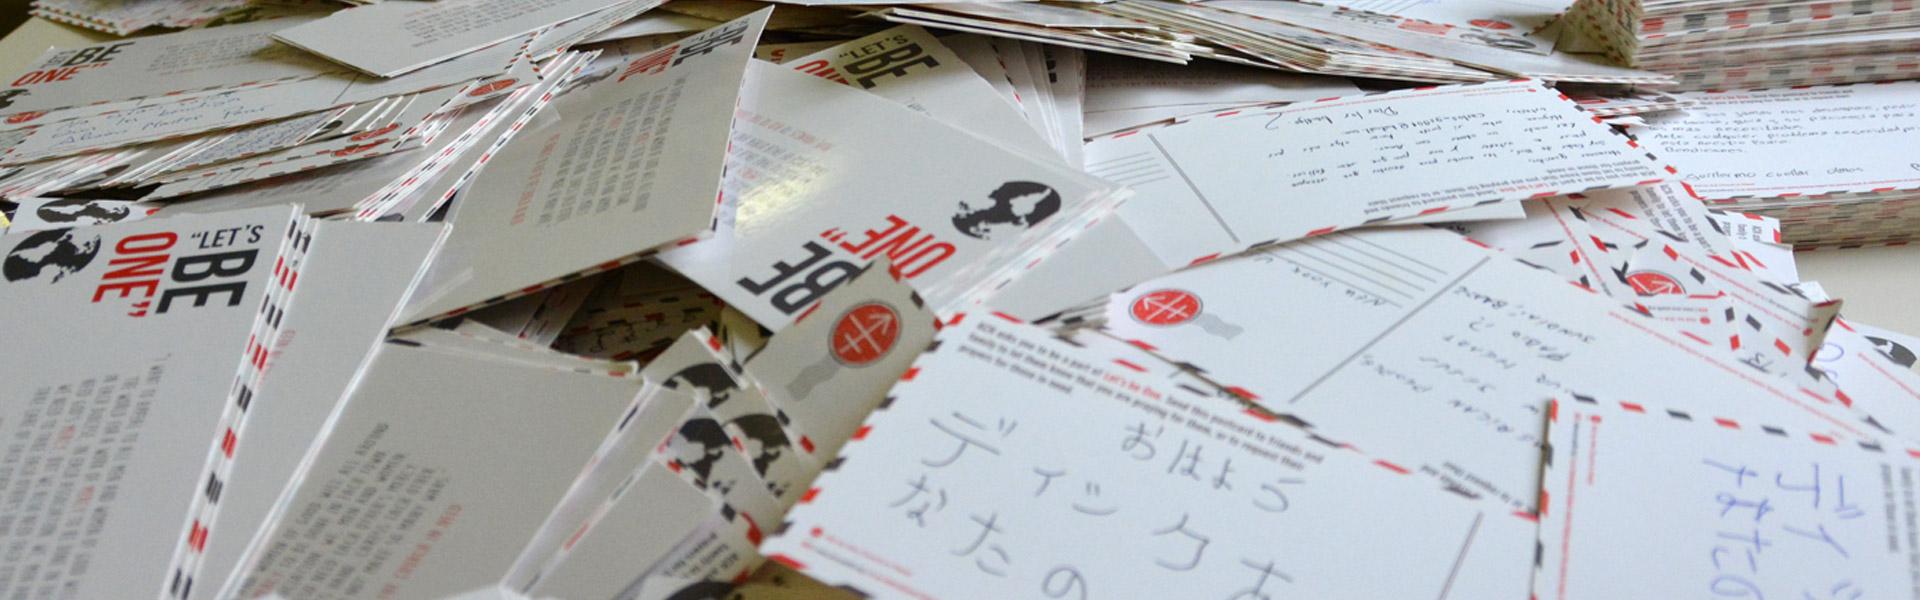 """""""Let's Be One"""": 3.000 postales para la juventud de la iglesia que sufre"""